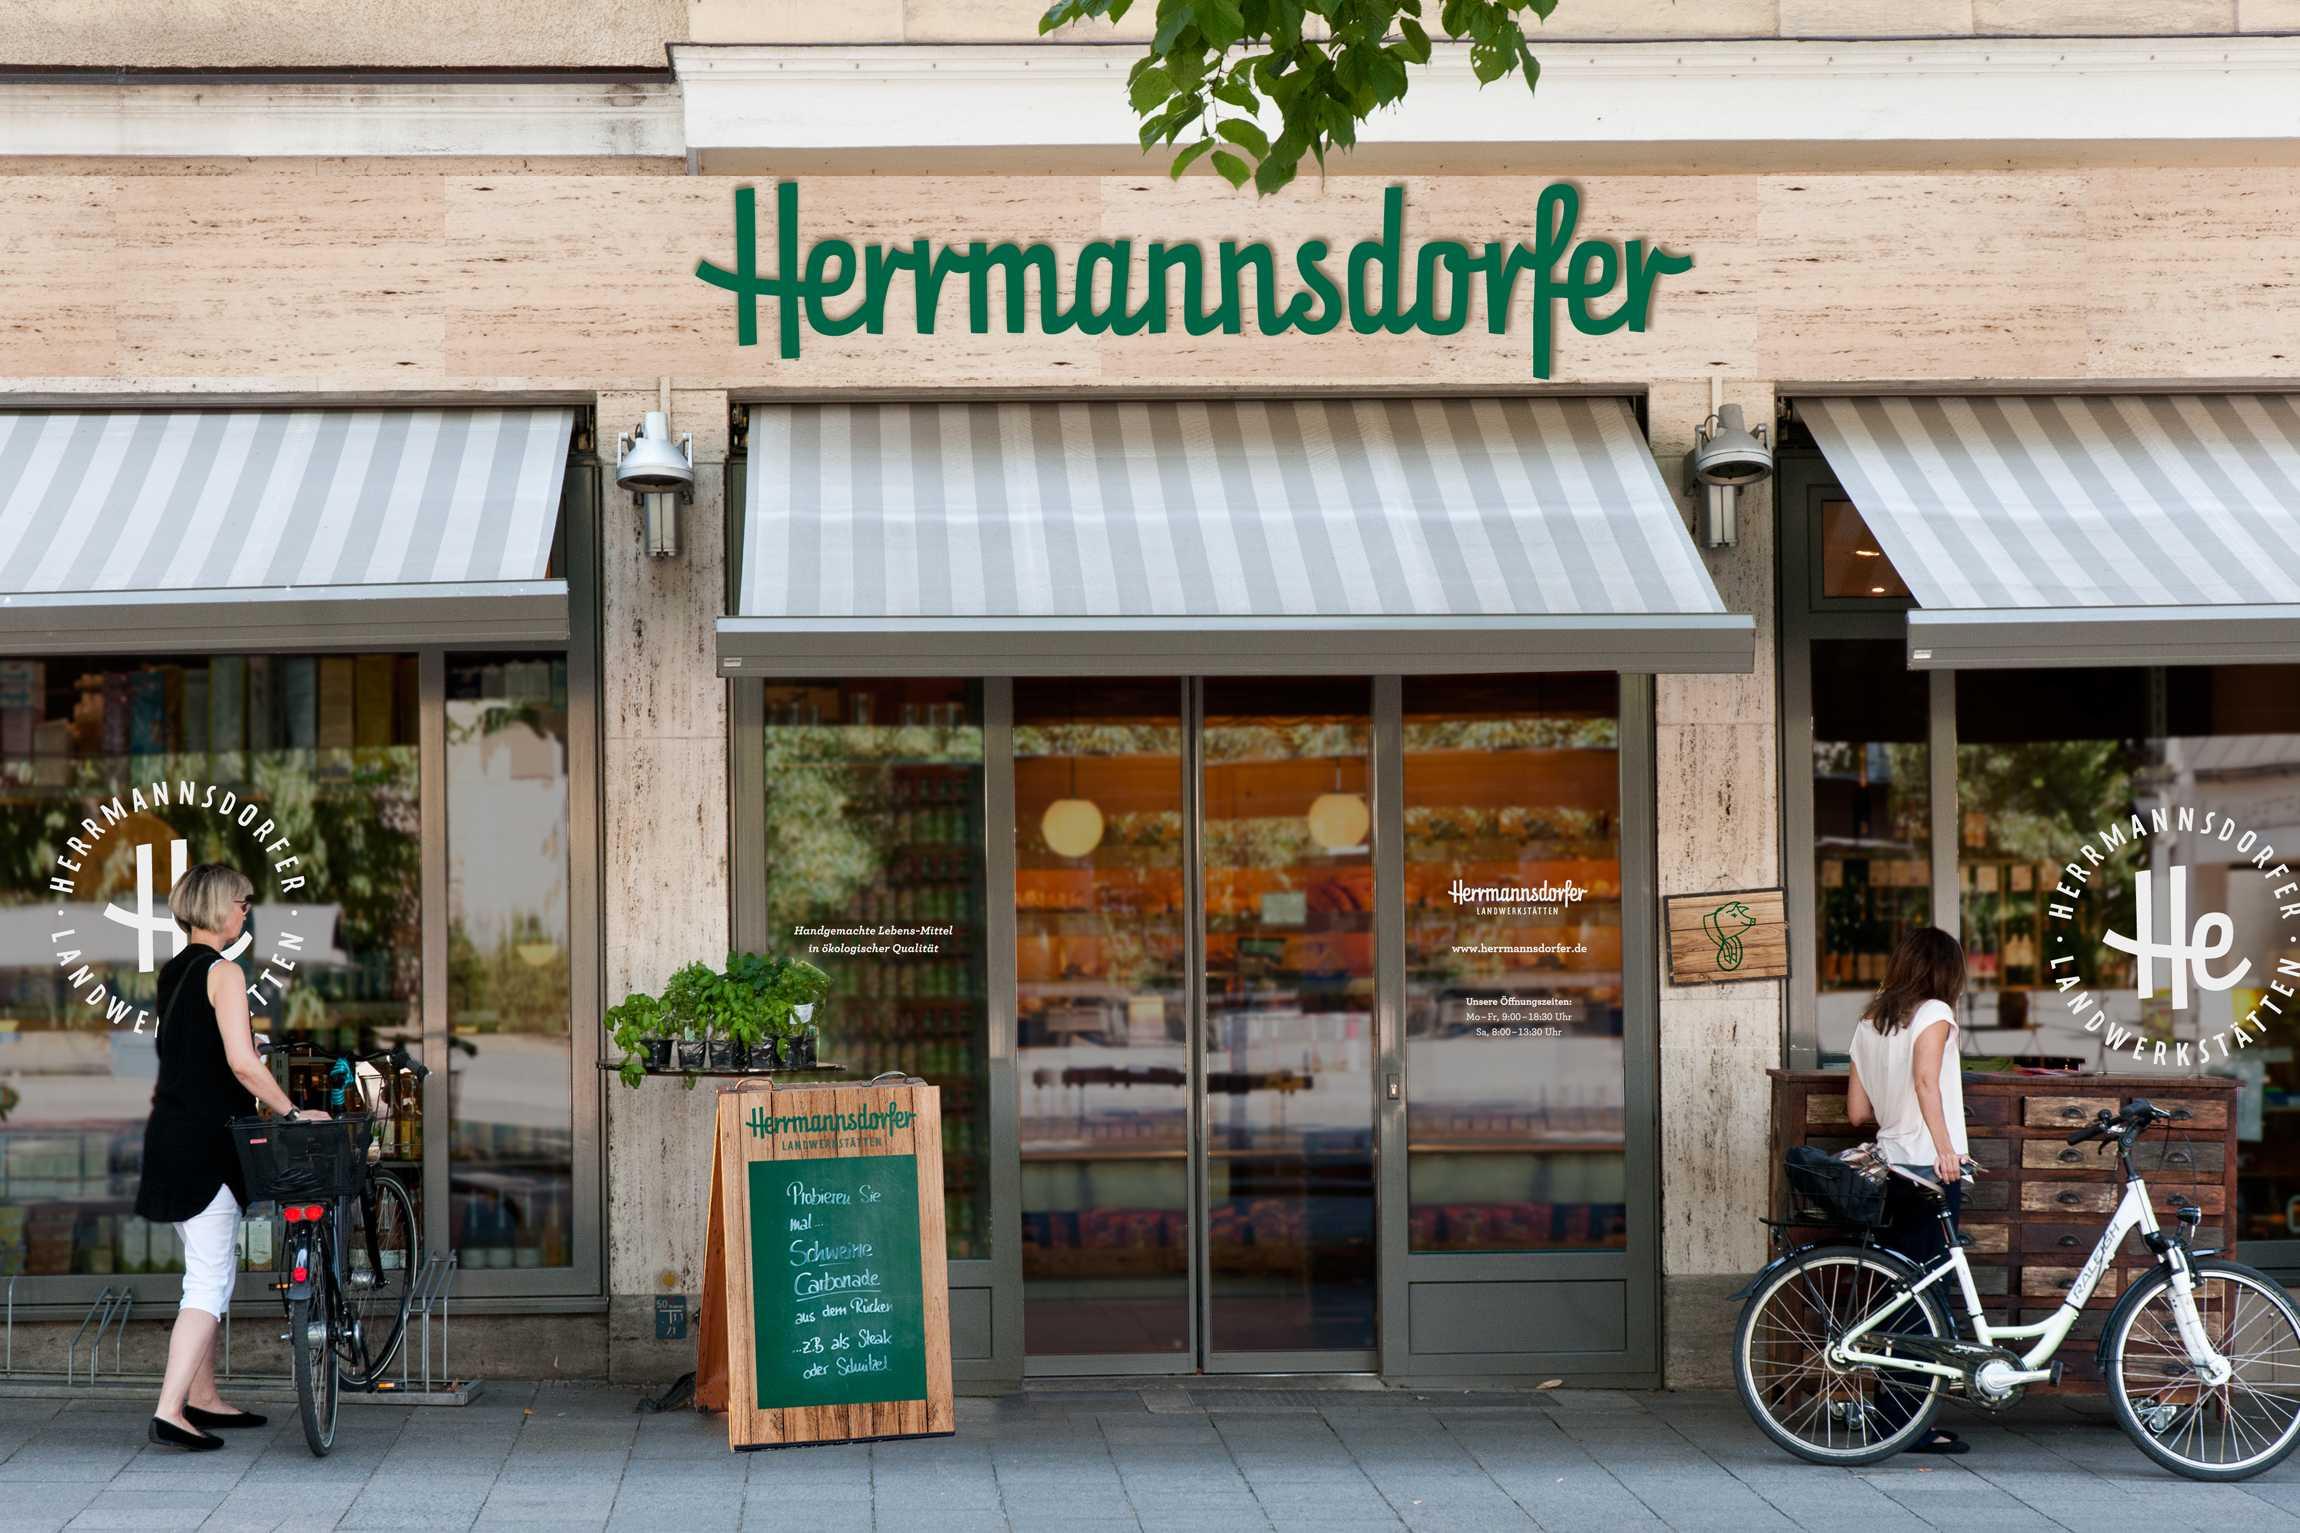 Herrmannsdorfer